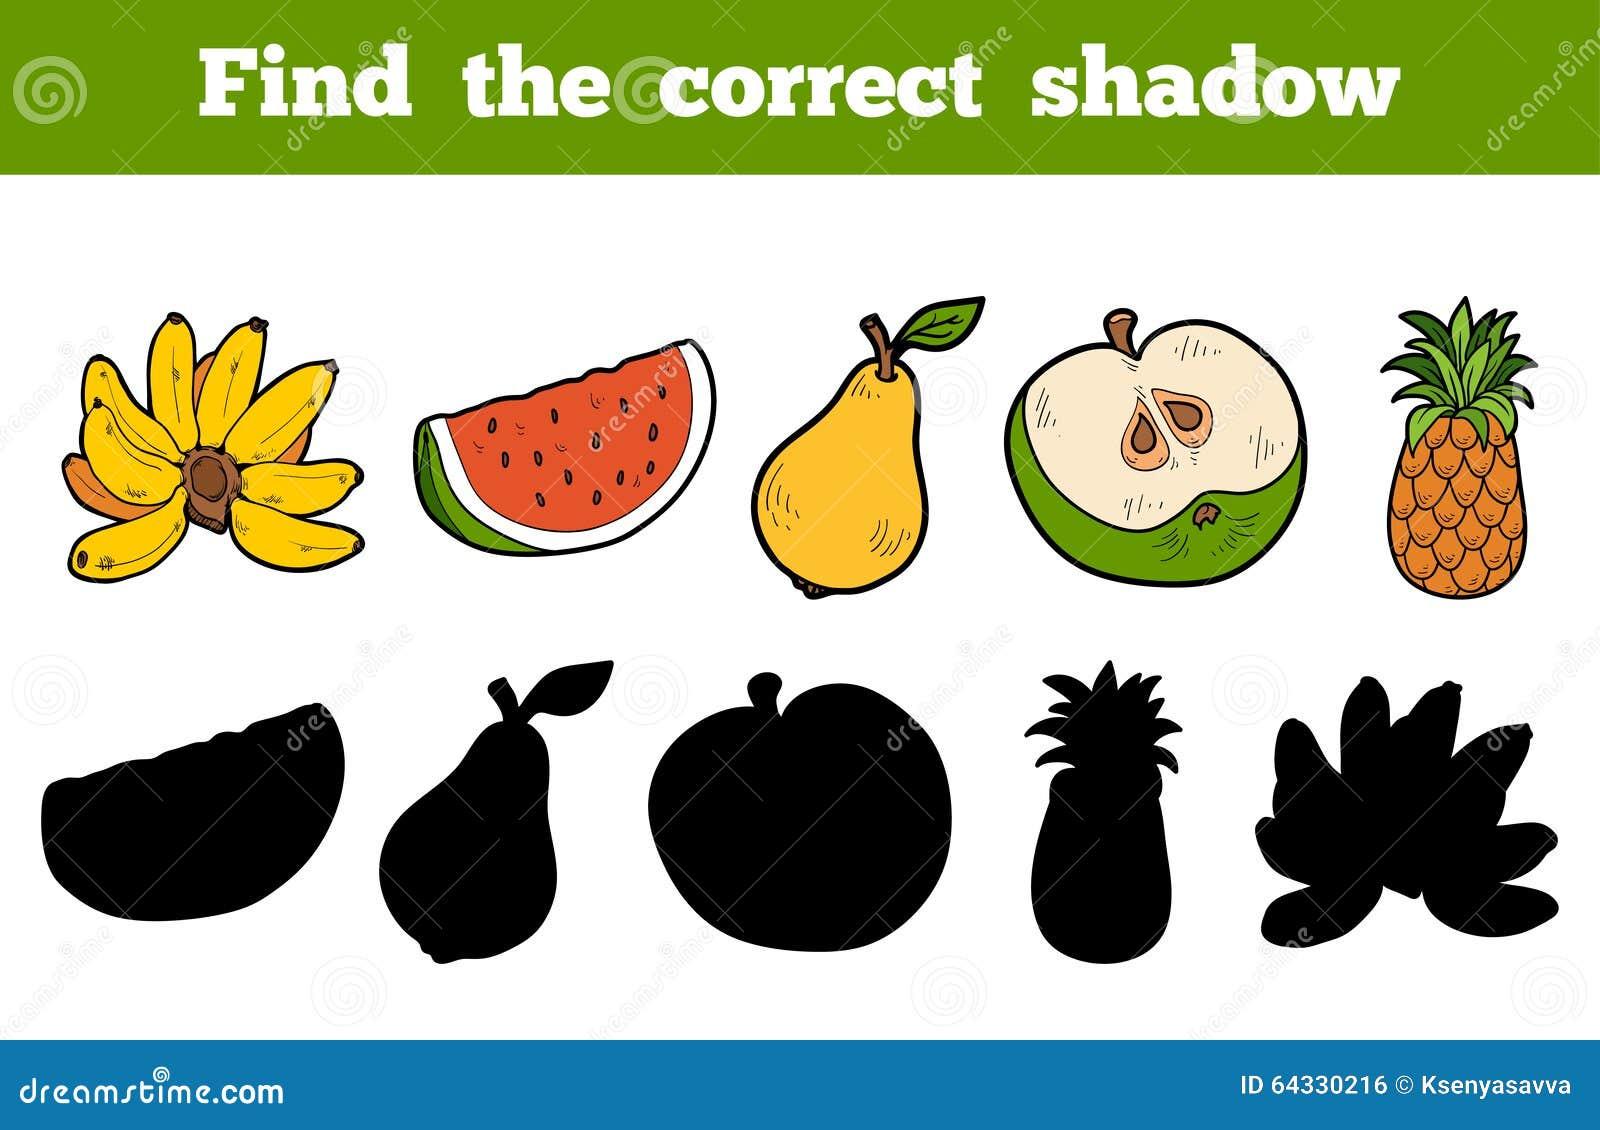 Free Worksheets xl worksheet : Trouvez Lu0026#39;ombre Correcte (les Fruits) Illustration de ...